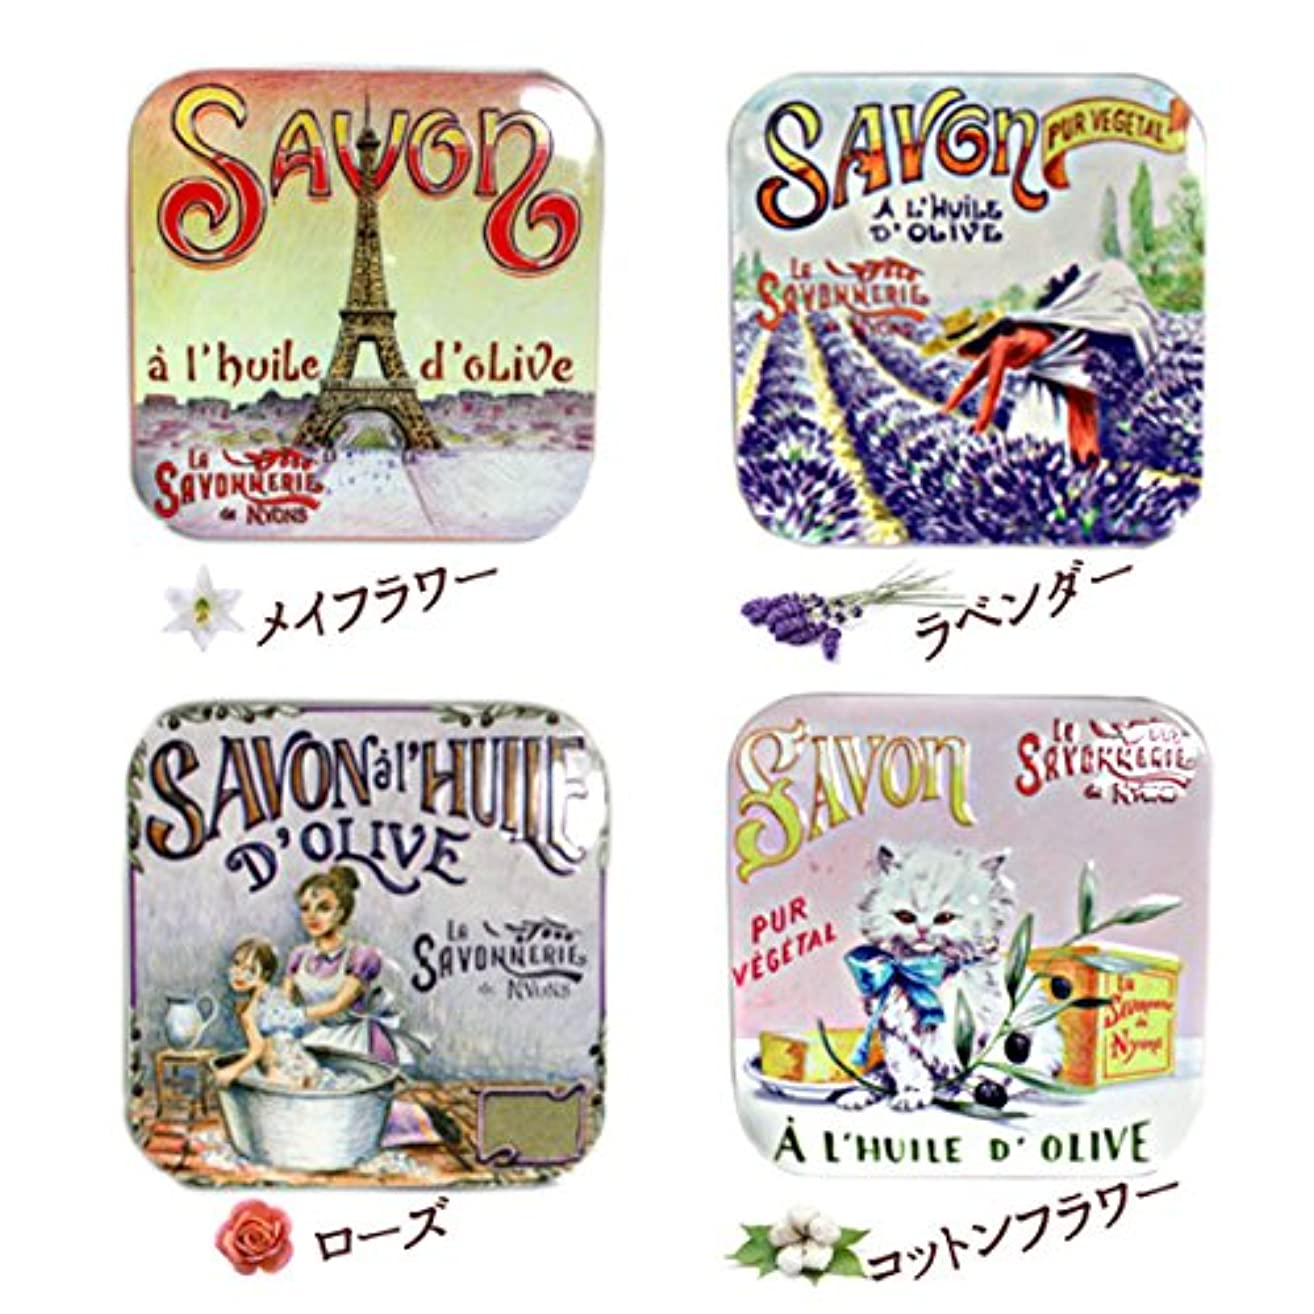 飢参加者空港ラサボネリー アンティーク缶入り石鹸 タイプ100 95g (ローズ)